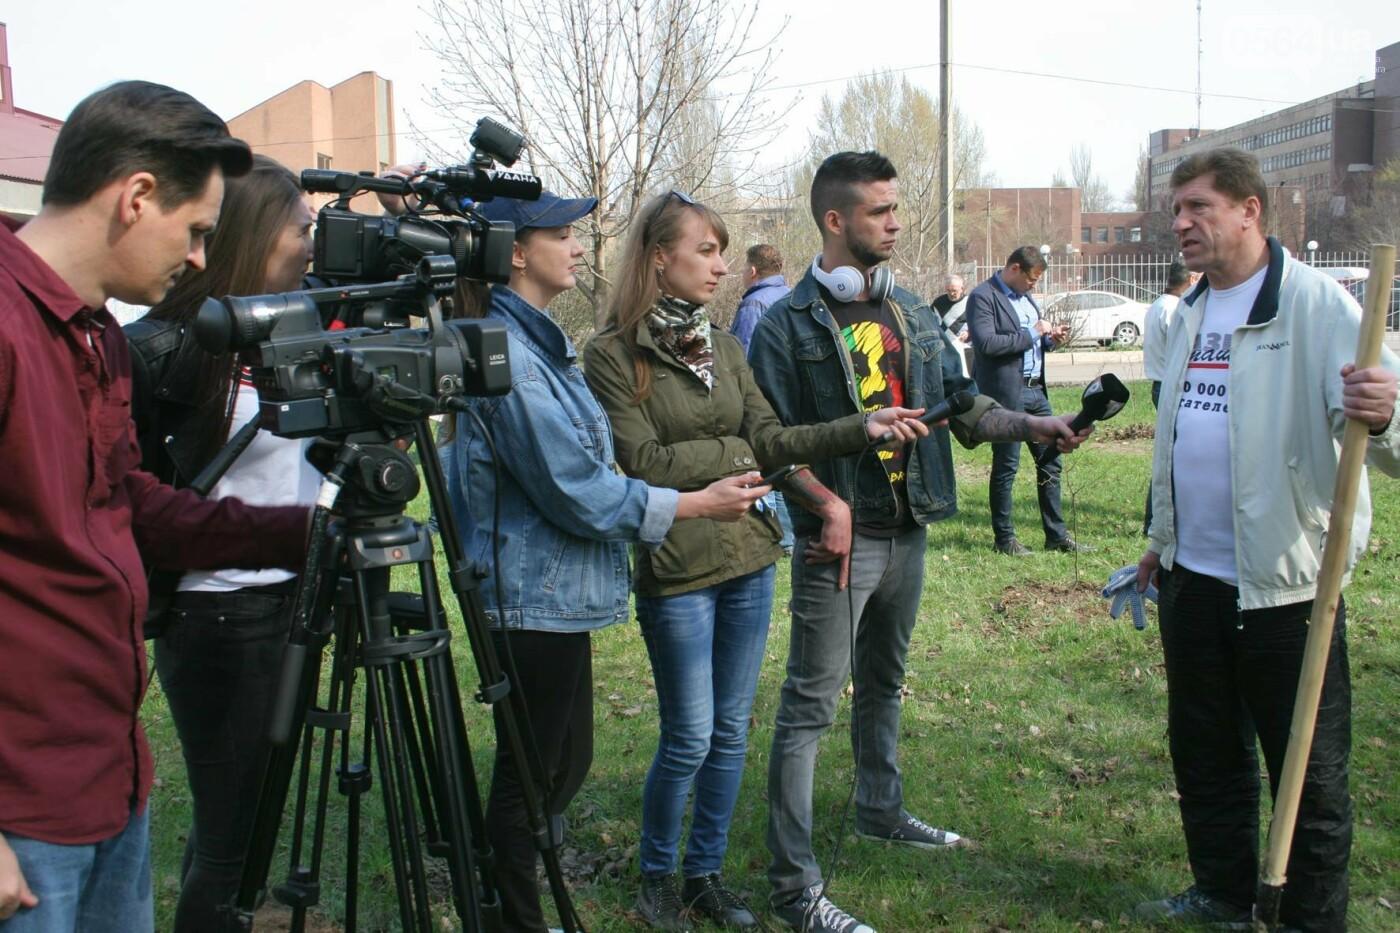 Криворожские журналисты с друзьями высадили более сотни деревьев и вывезли 4 грузовика мусора (ФОТО), фото-6